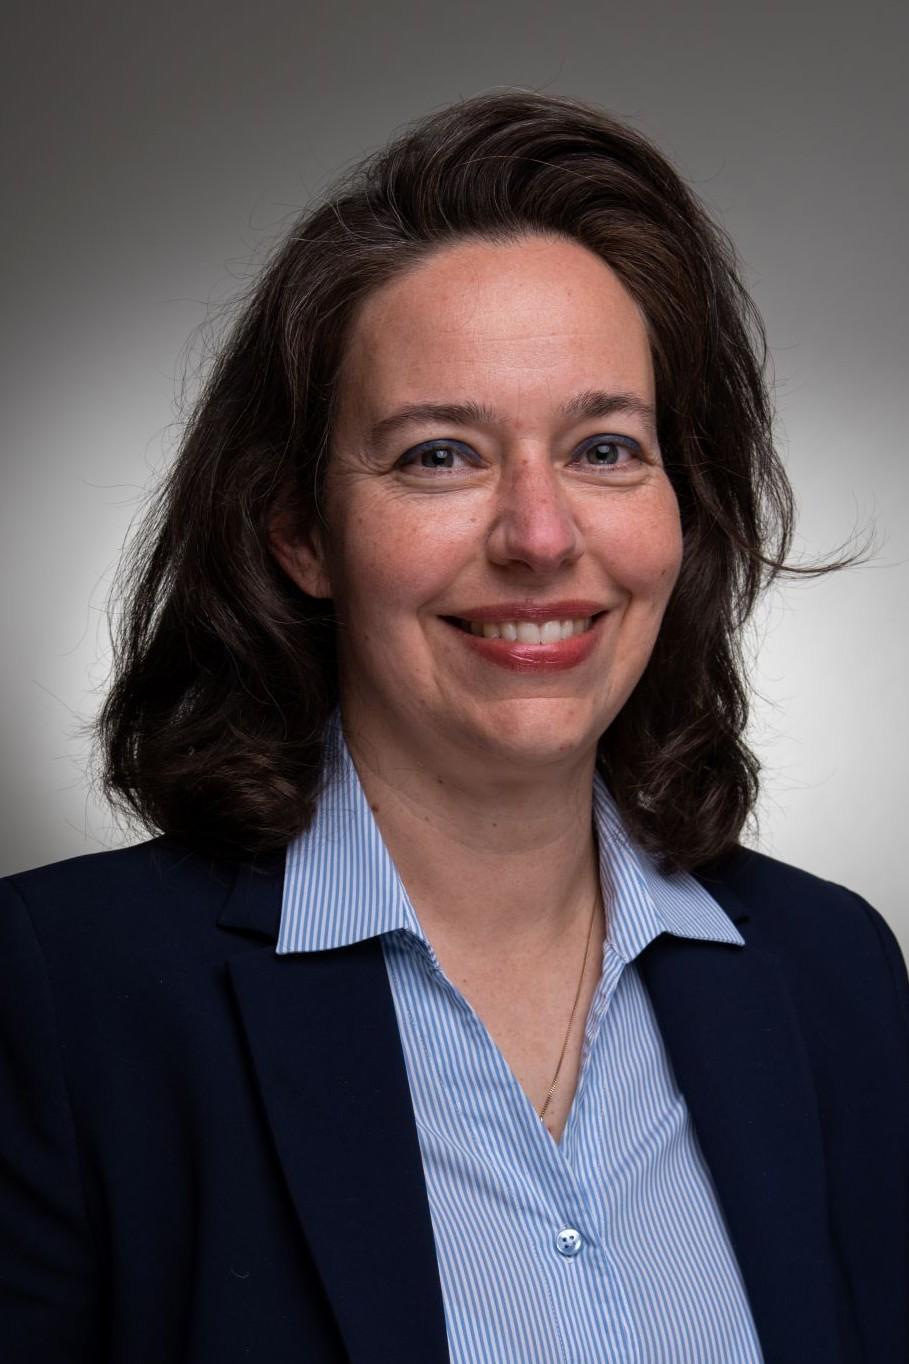 Frau Kleine-Jänsch (Schulleiterin)